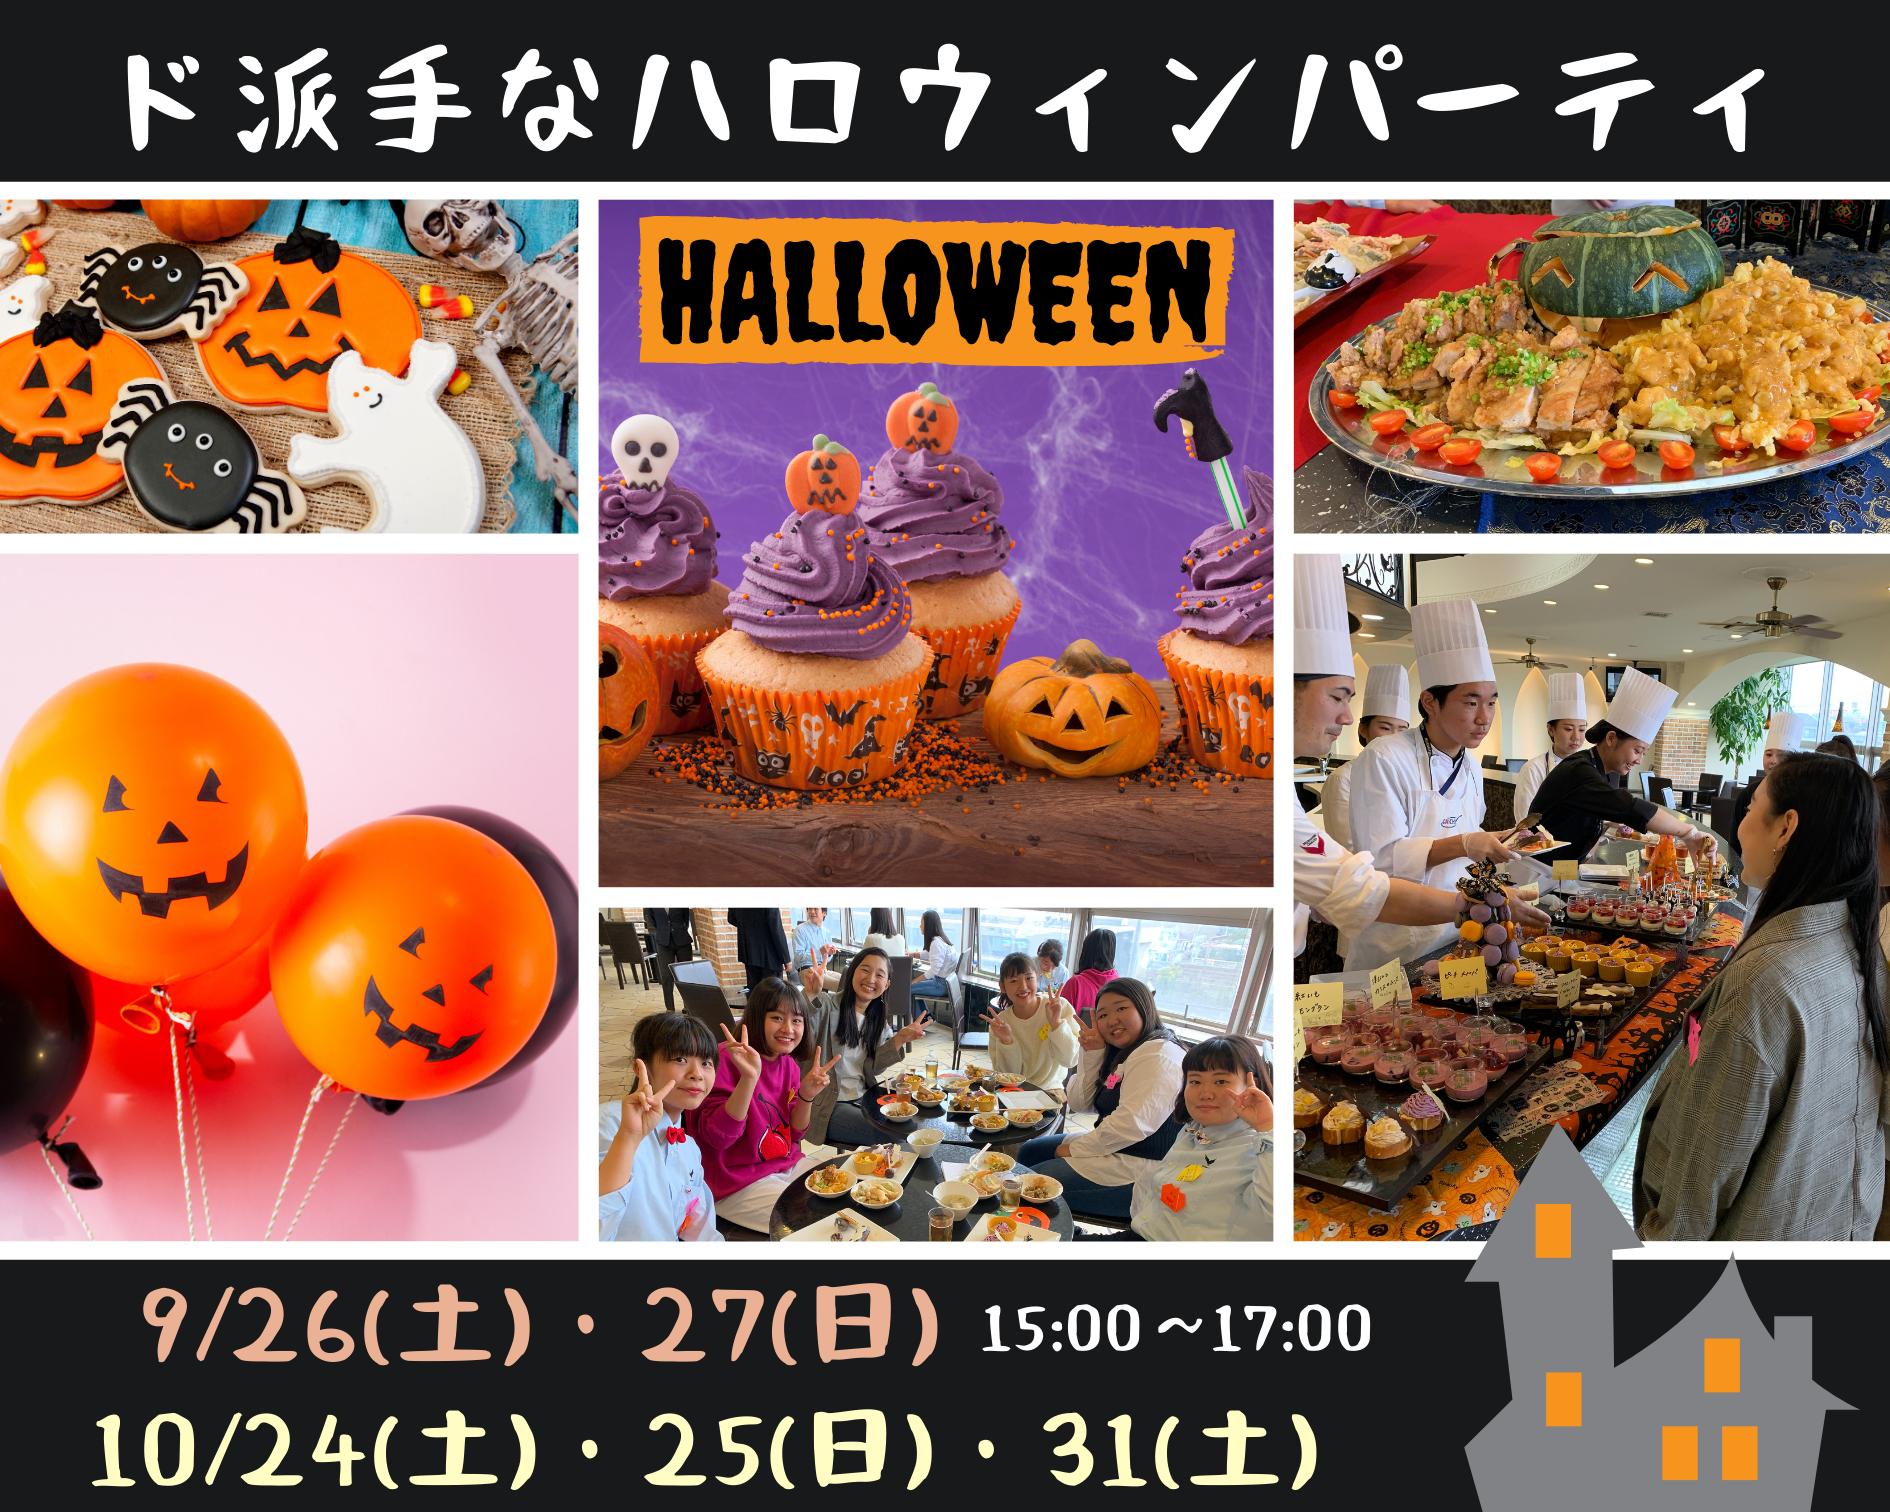 【9・10月限定】ド派手なハロウィンパーティ